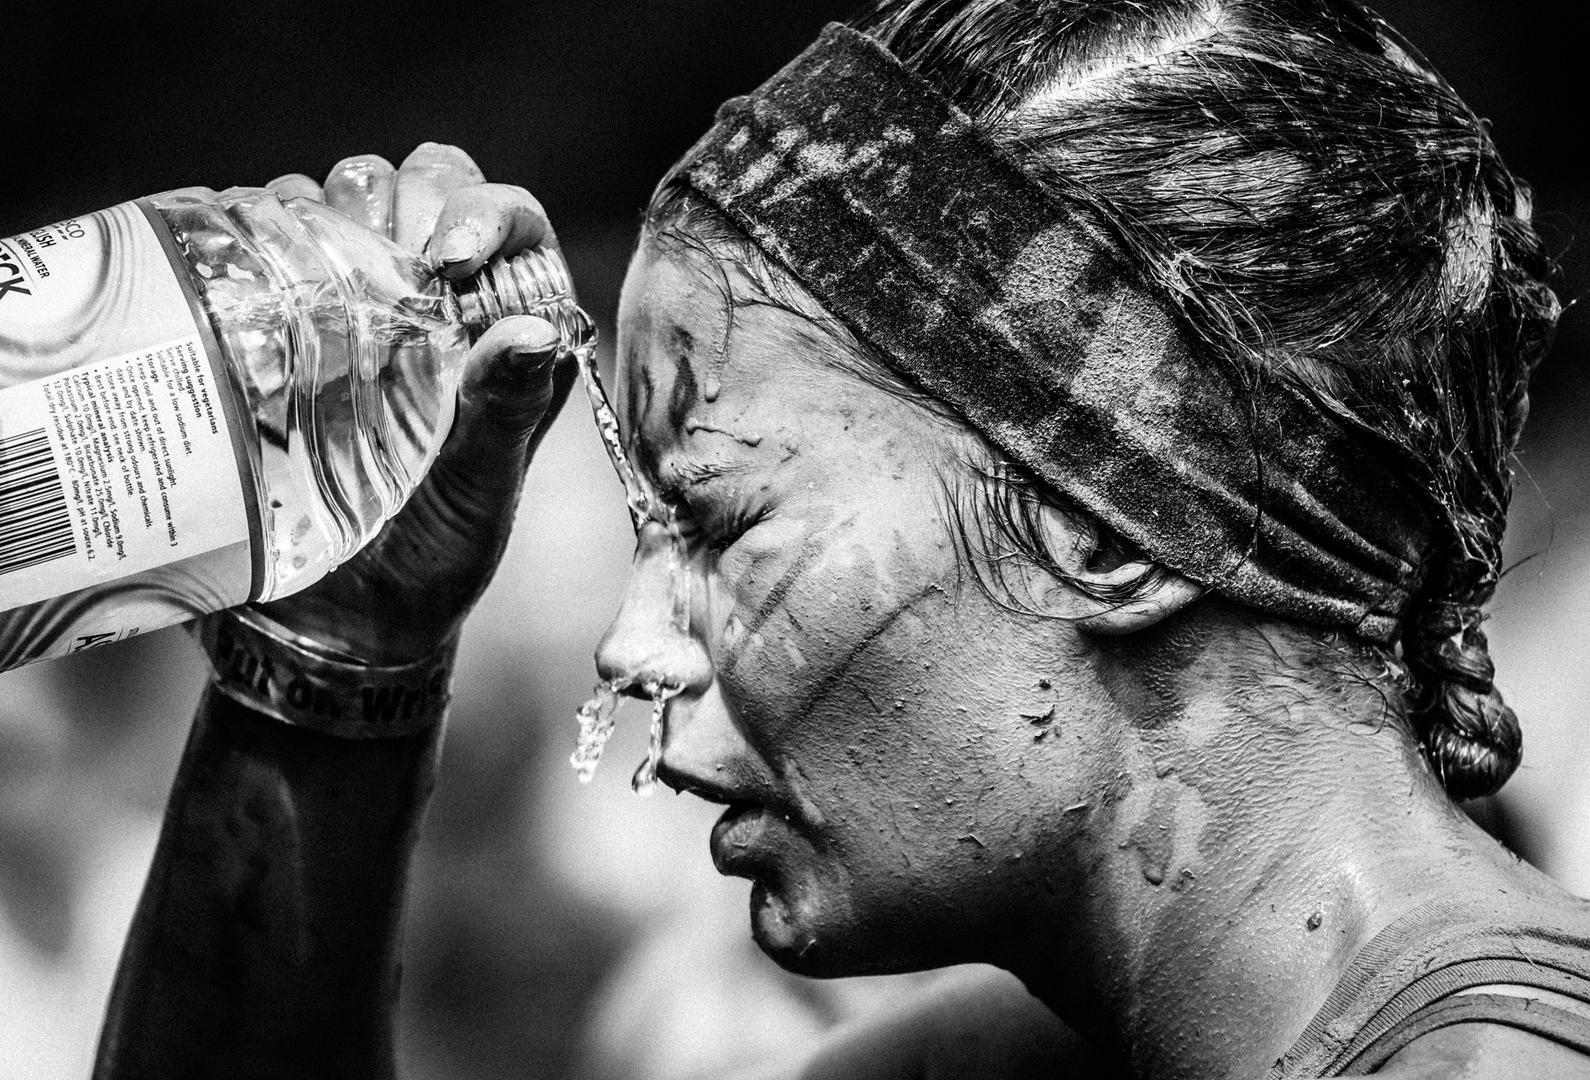 © Стюарт Эшли, Фотоконкурс «В чёрно-белом» от PDN